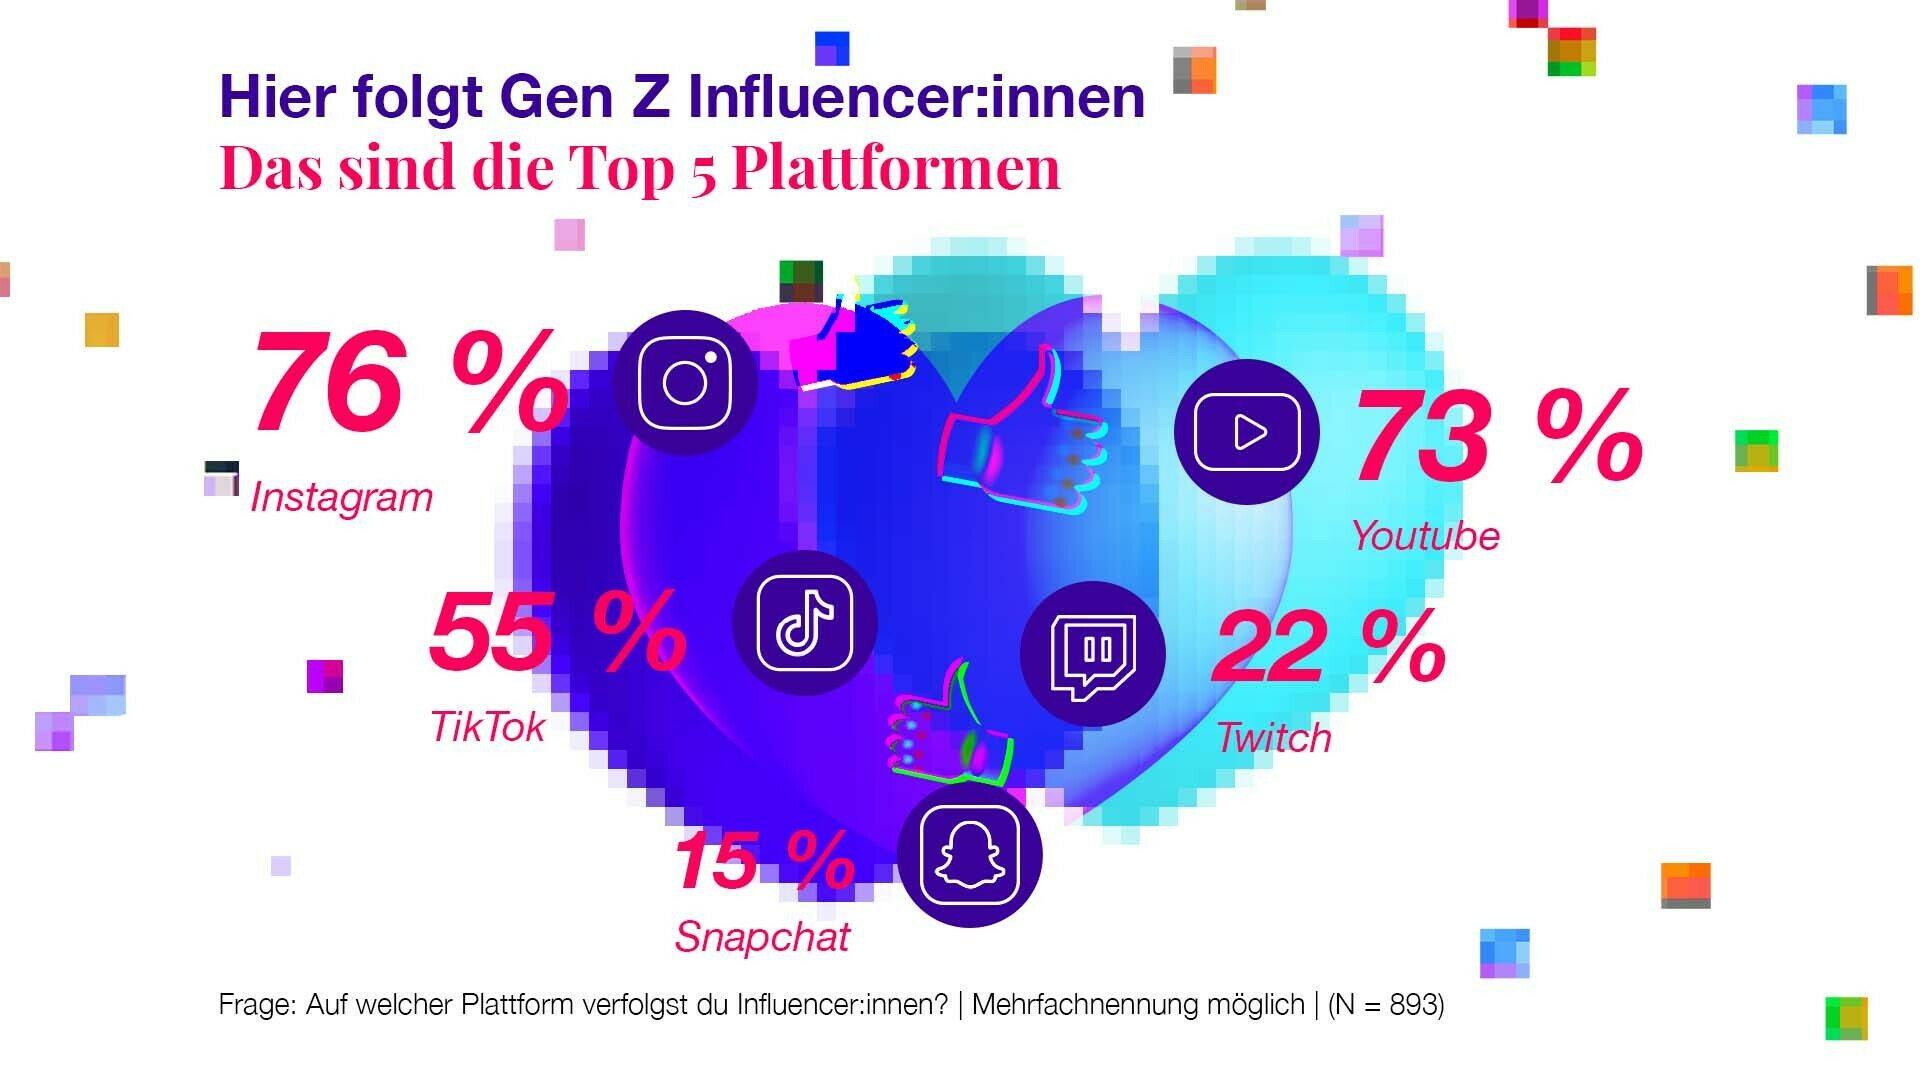 Top 5 Plattformen Social Media